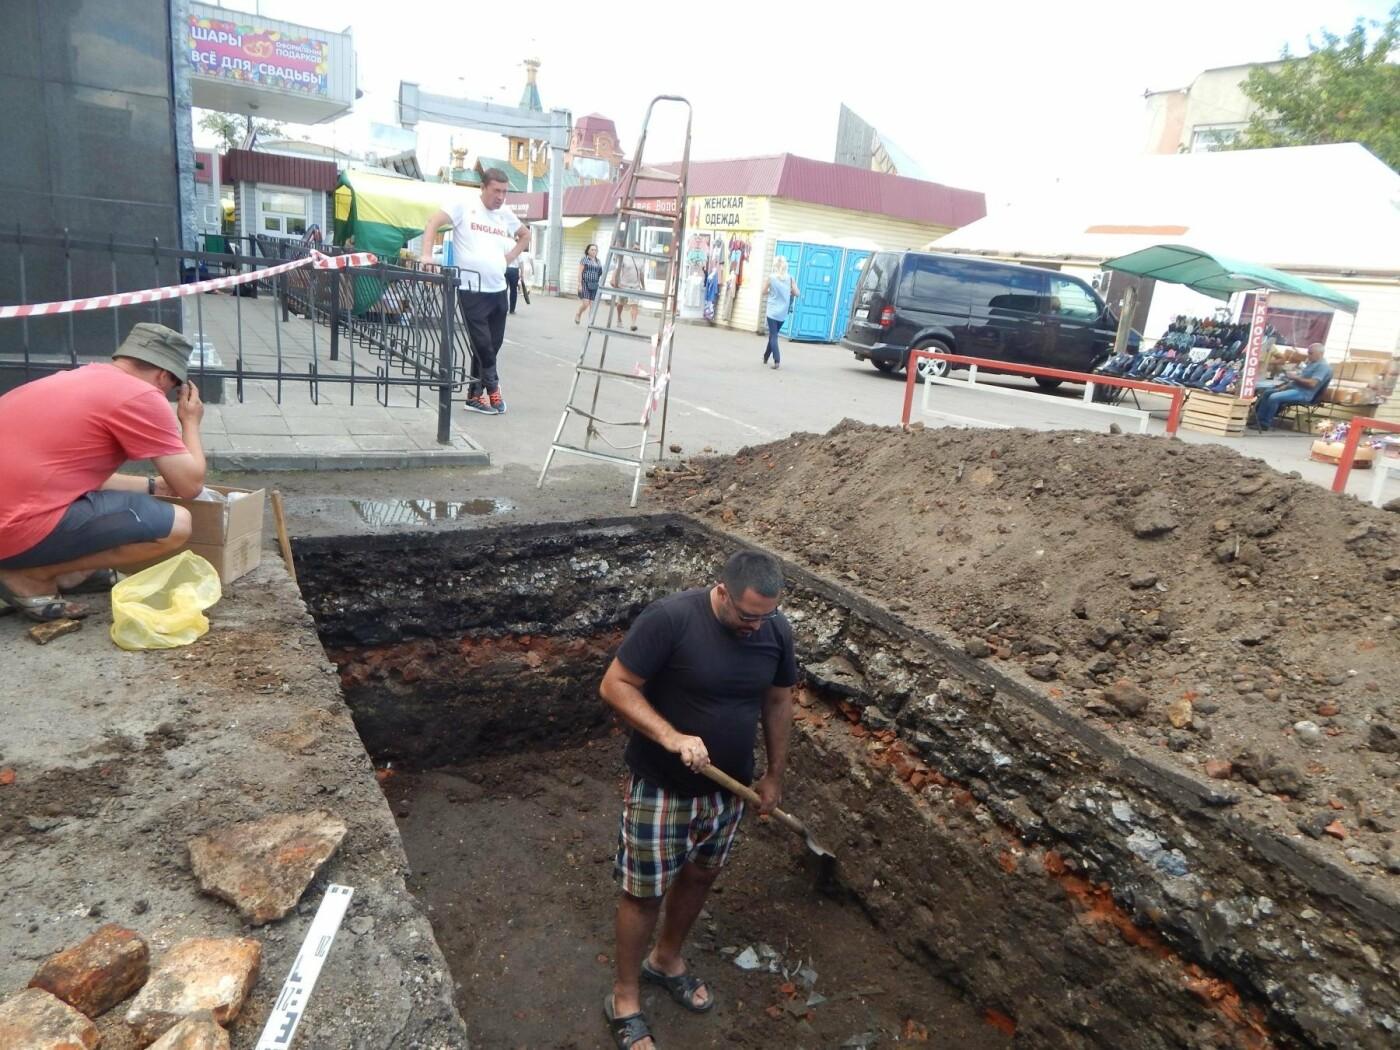 В Центре Тамбова начались археологические раскопки, фото-2